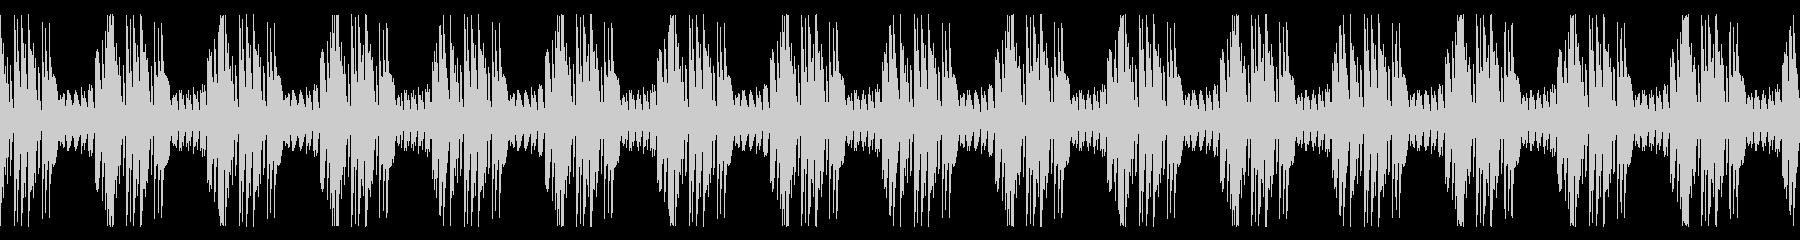 ウキウキするクラシック【マリンバver】の未再生の波形